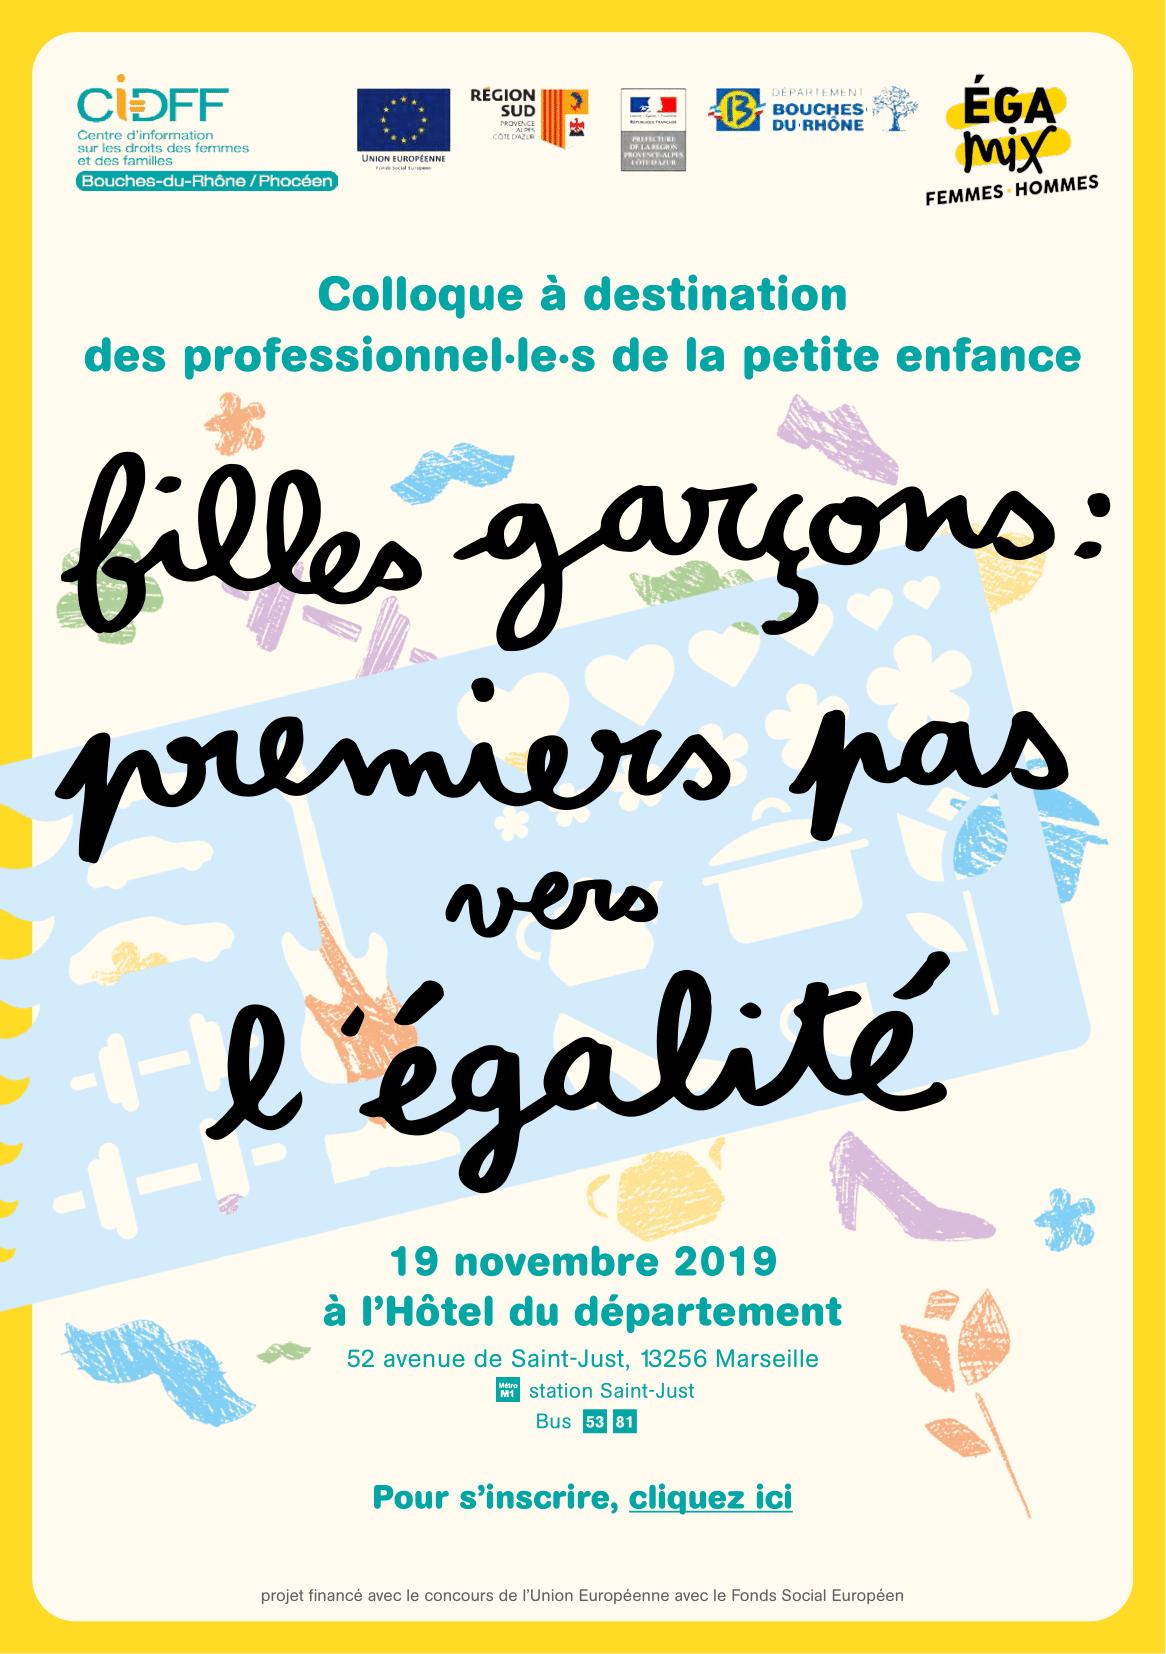 """""""Filles-Garçons : premiers pas vers l'égalité""""  le 19 novembre 2019 à l'Hôtel du département de Marseille."""